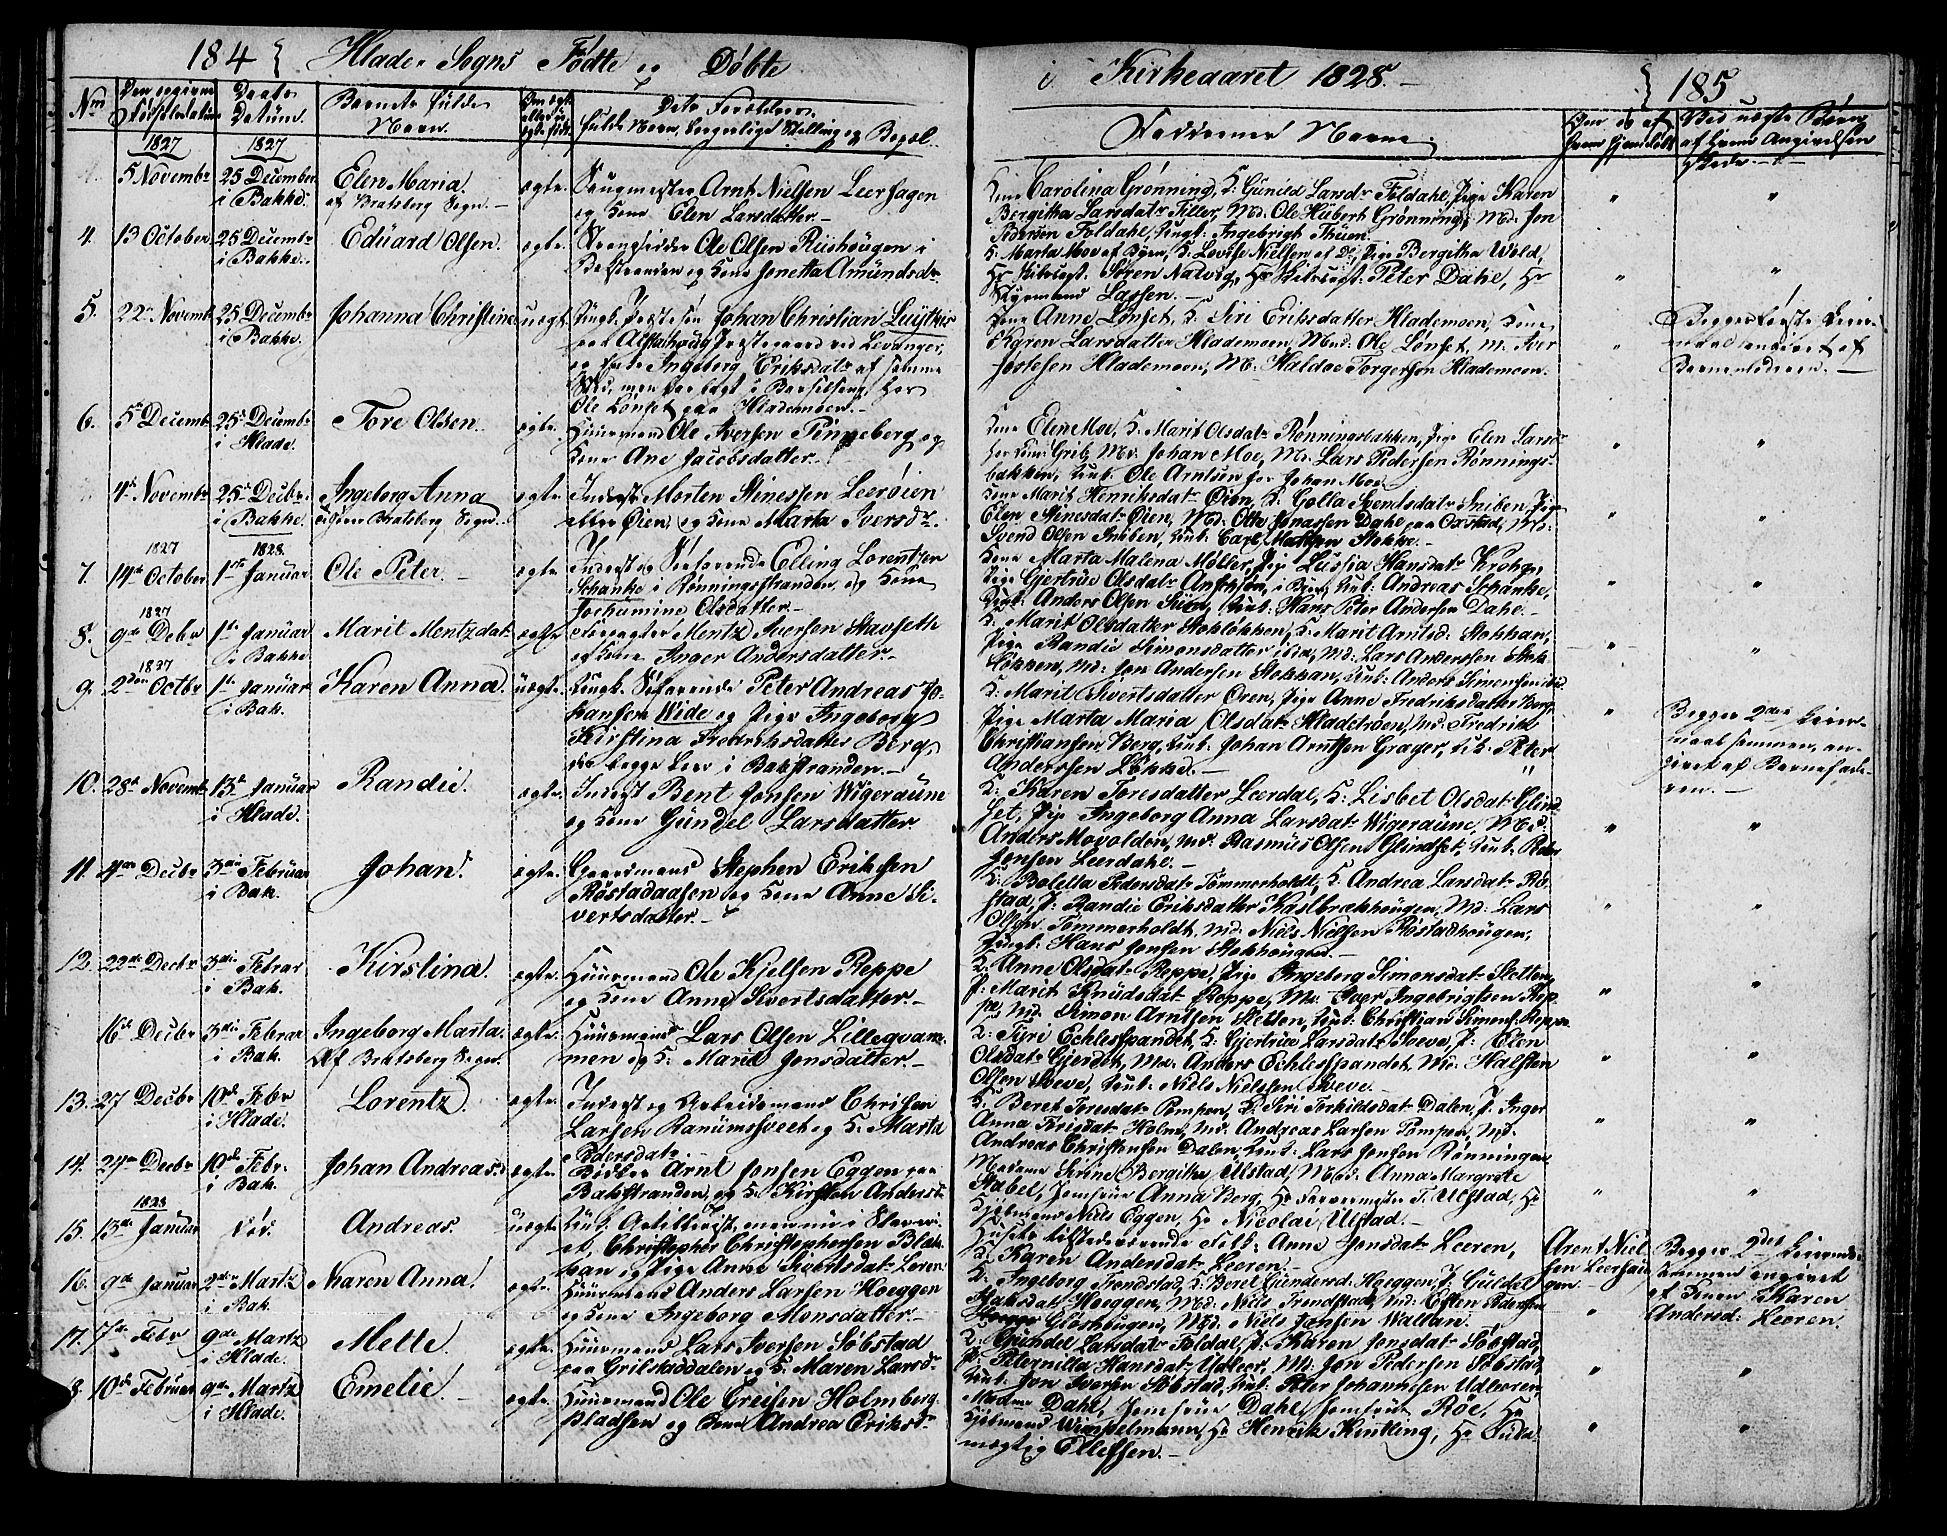 SAT, Ministerialprotokoller, klokkerbøker og fødselsregistre - Sør-Trøndelag, 606/L0306: Klokkerbok nr. 606C02, 1797-1829, s. 184-185